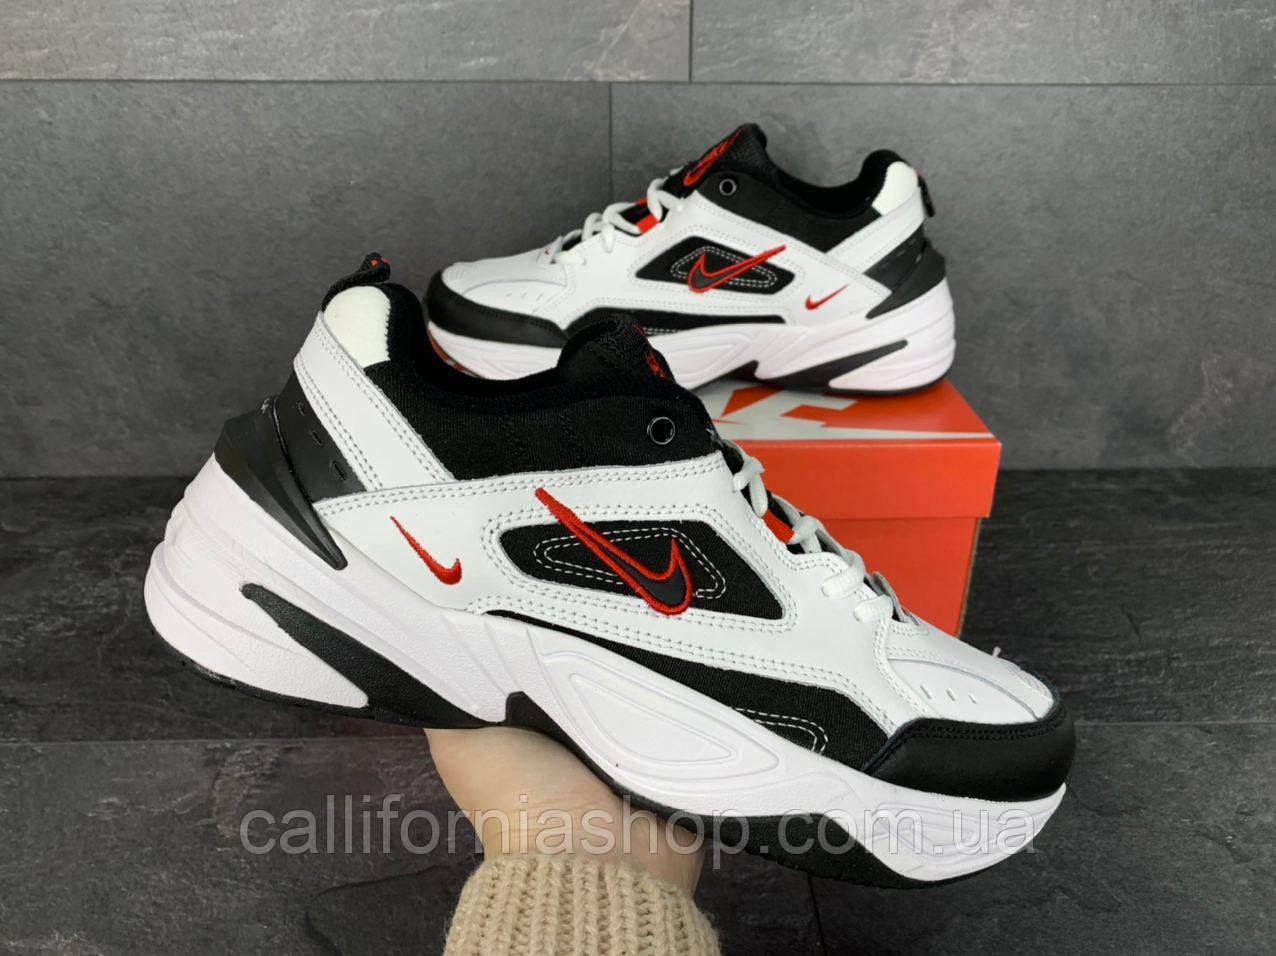 Кроссовки мужские Nike M2K Tekno Найк М2К Текно цвет белый с черным демисезонные